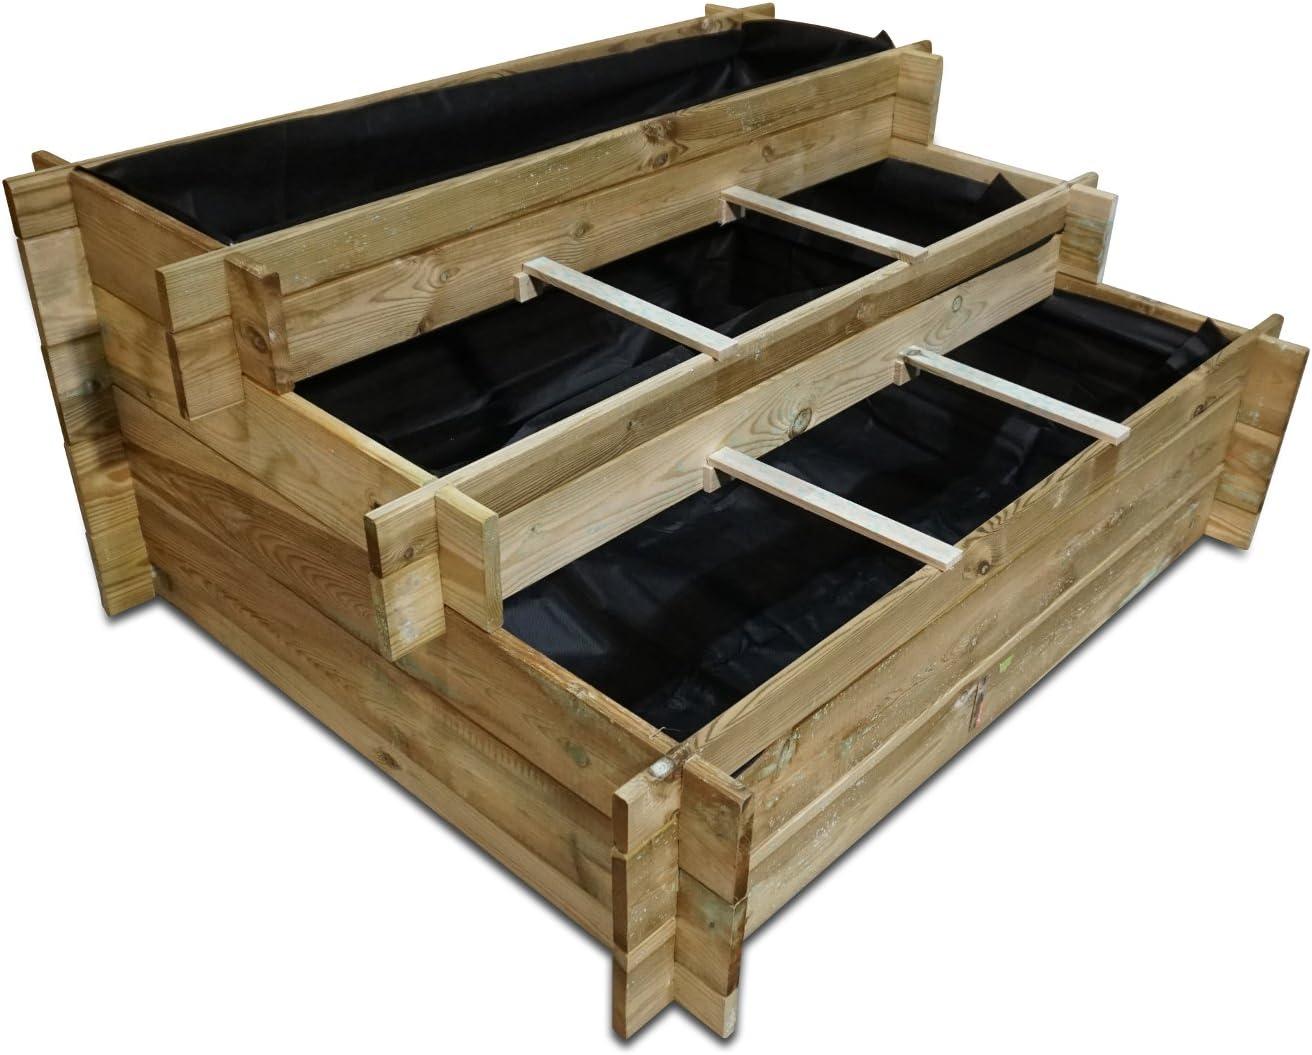 Bellissa – Maceta Escaleras Arie de pino KDI 120 x 100 x 54 cm montar Incluye pantalla de nordje® de madera: Amazon.es: Jardín